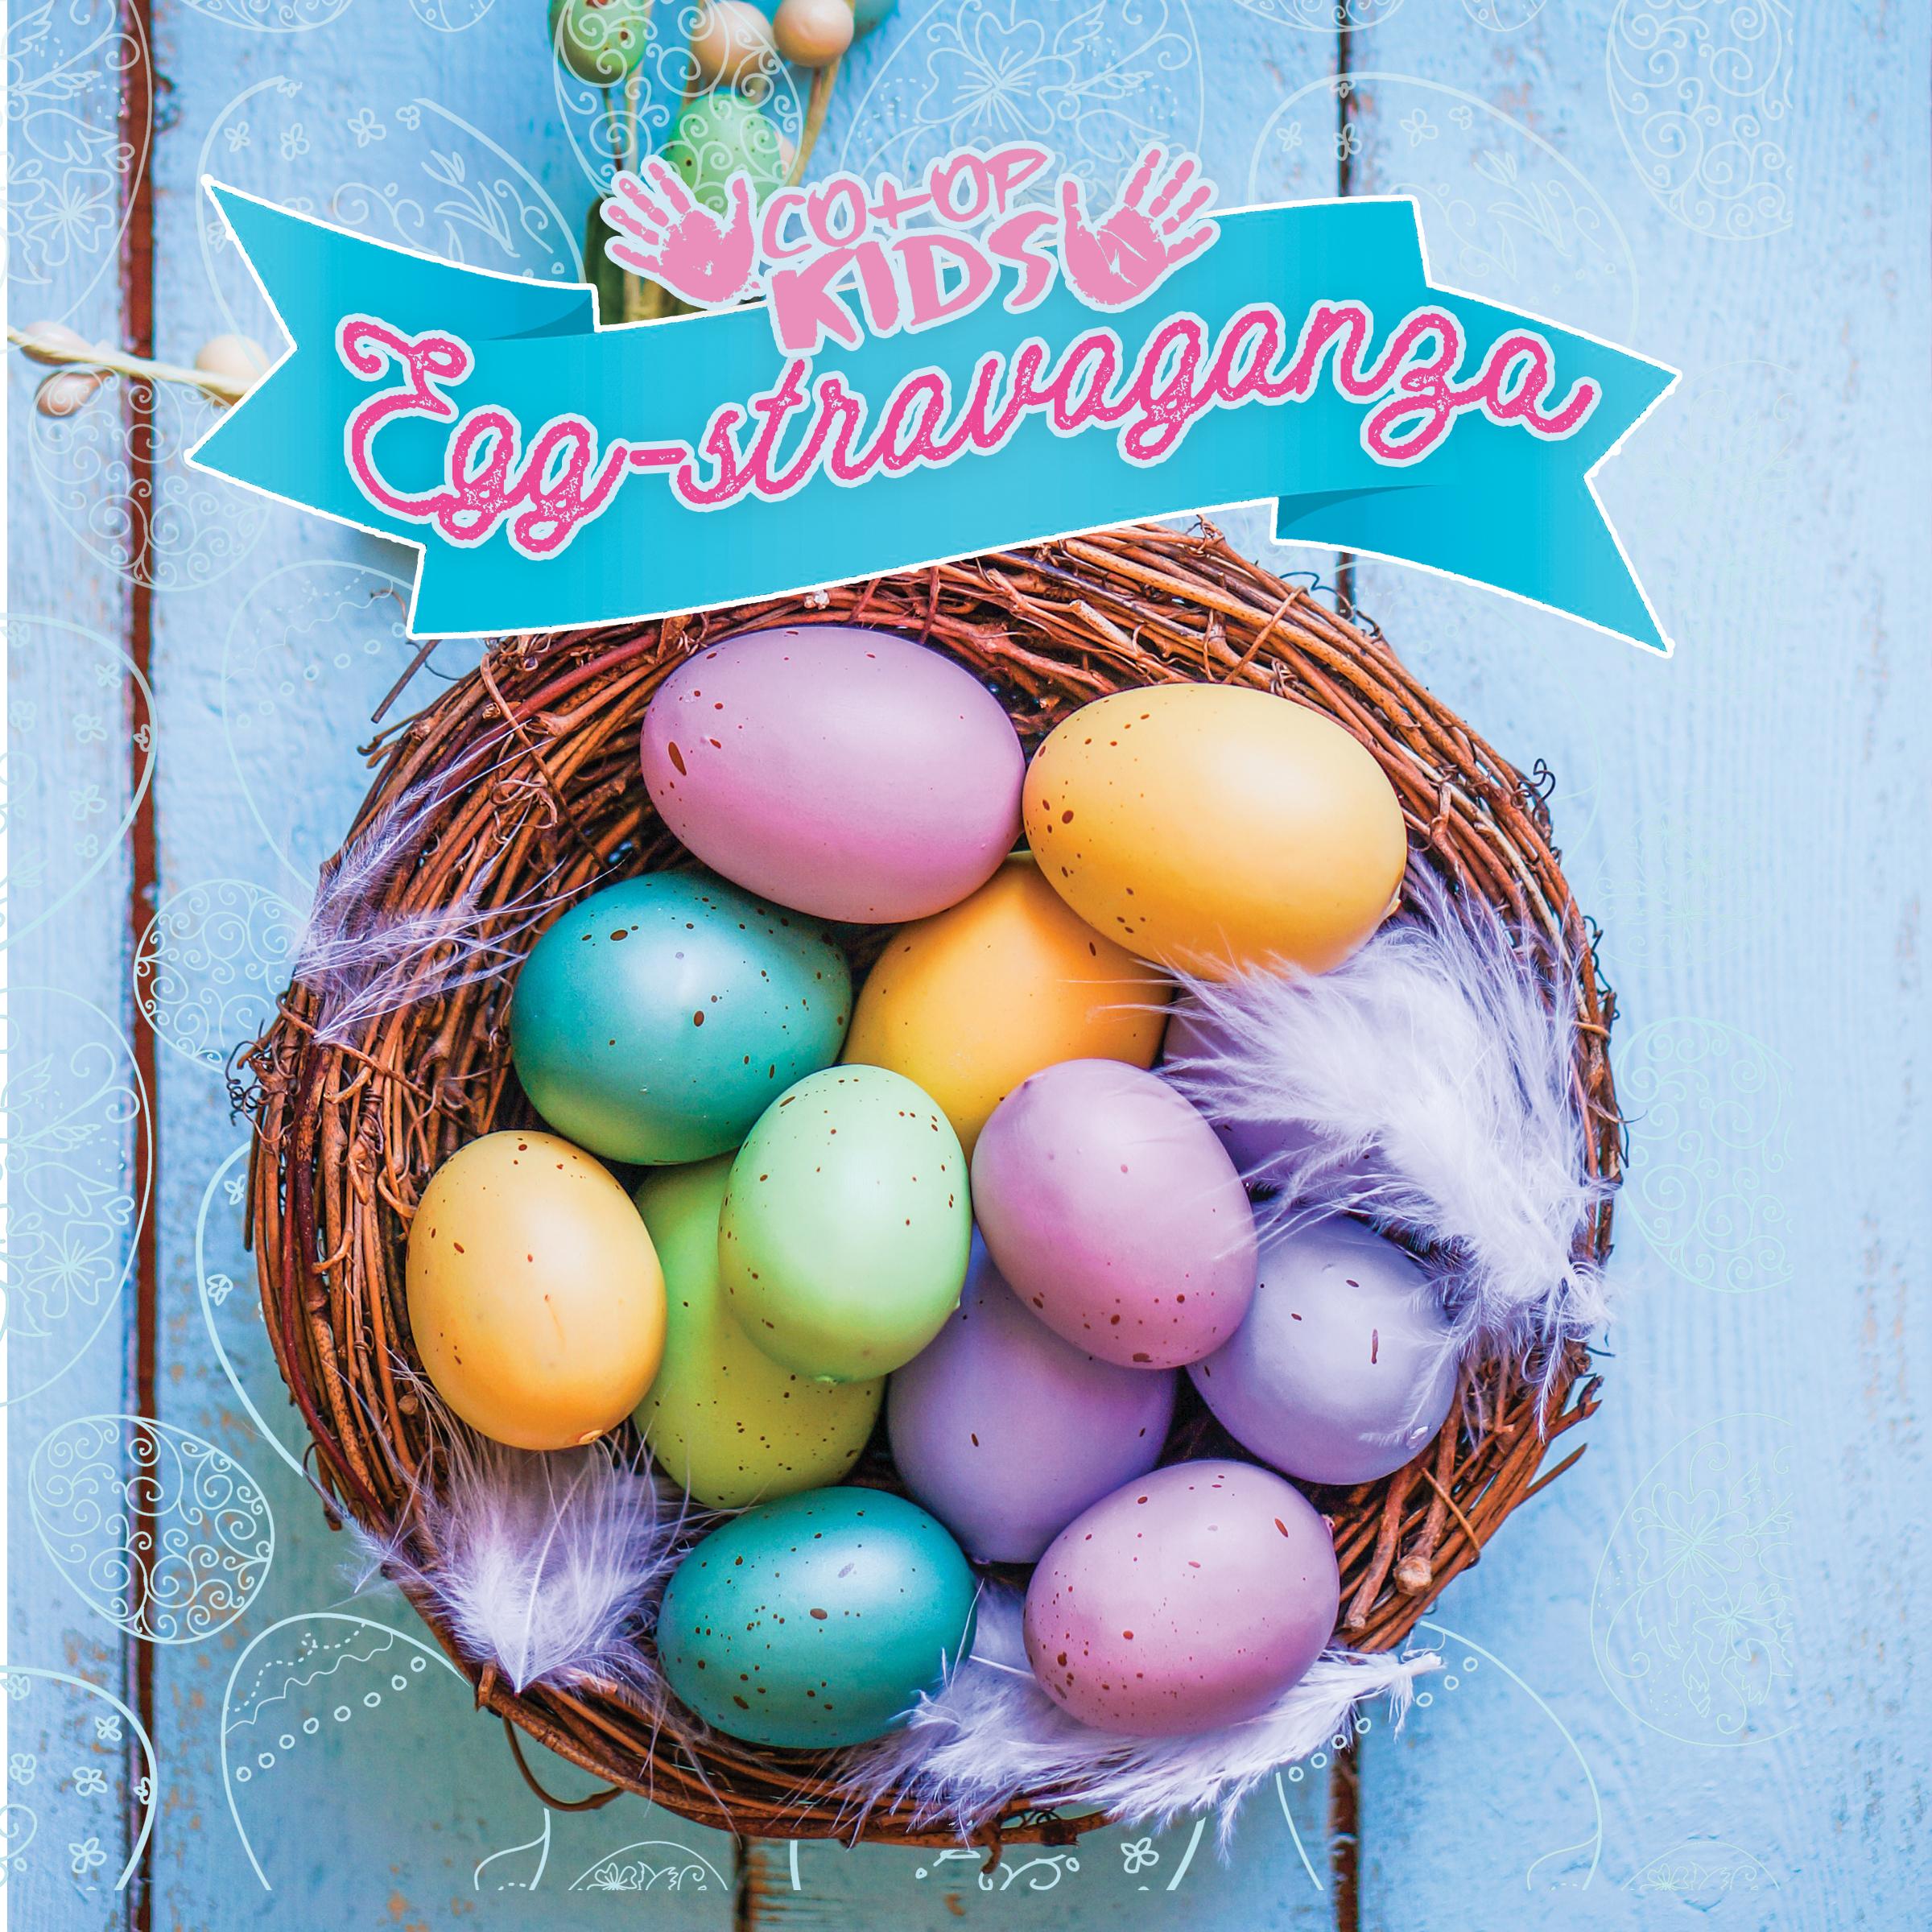 Egg-stravaganza 2019 sm.jpg